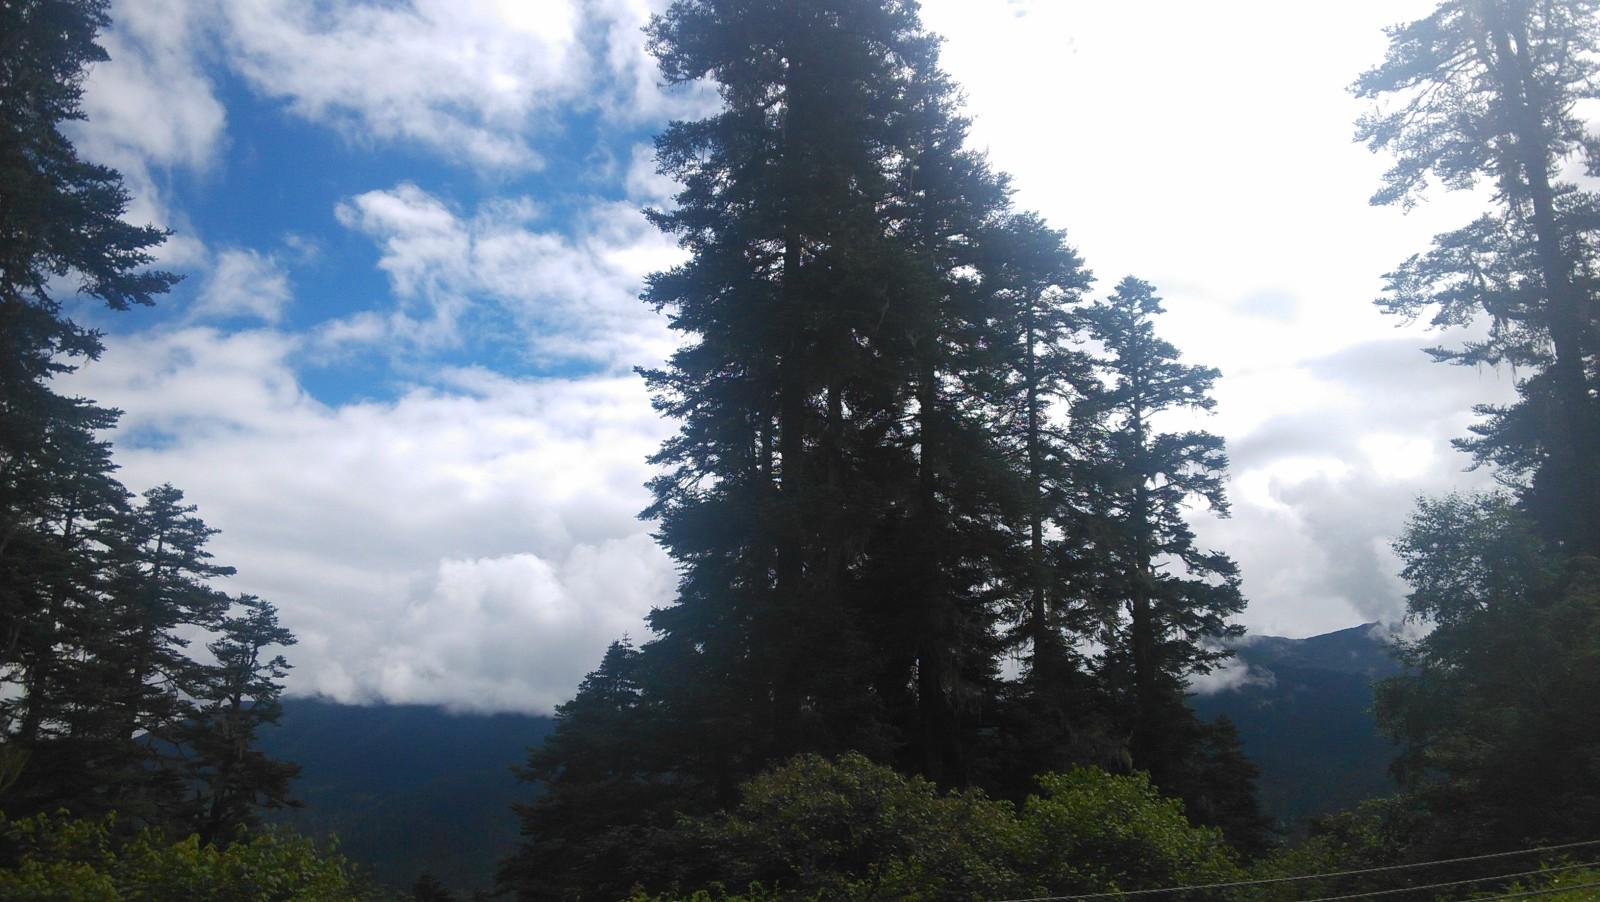 有些年头的树